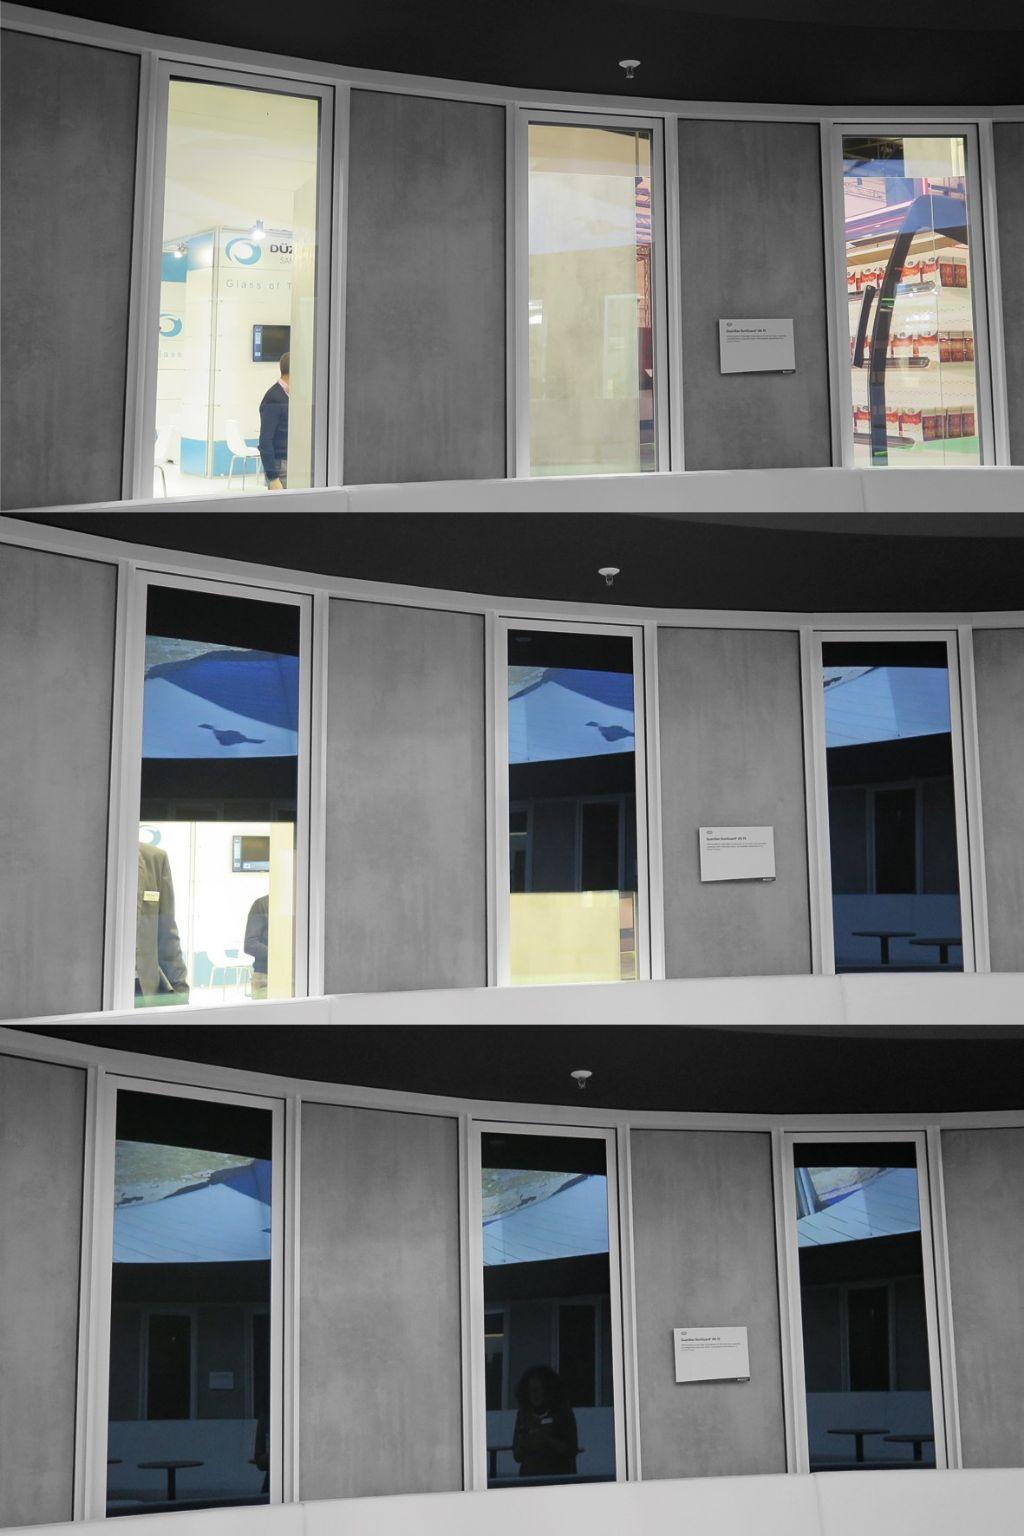 Dynamische blindering voor ramen en deuren met één druk op de knop